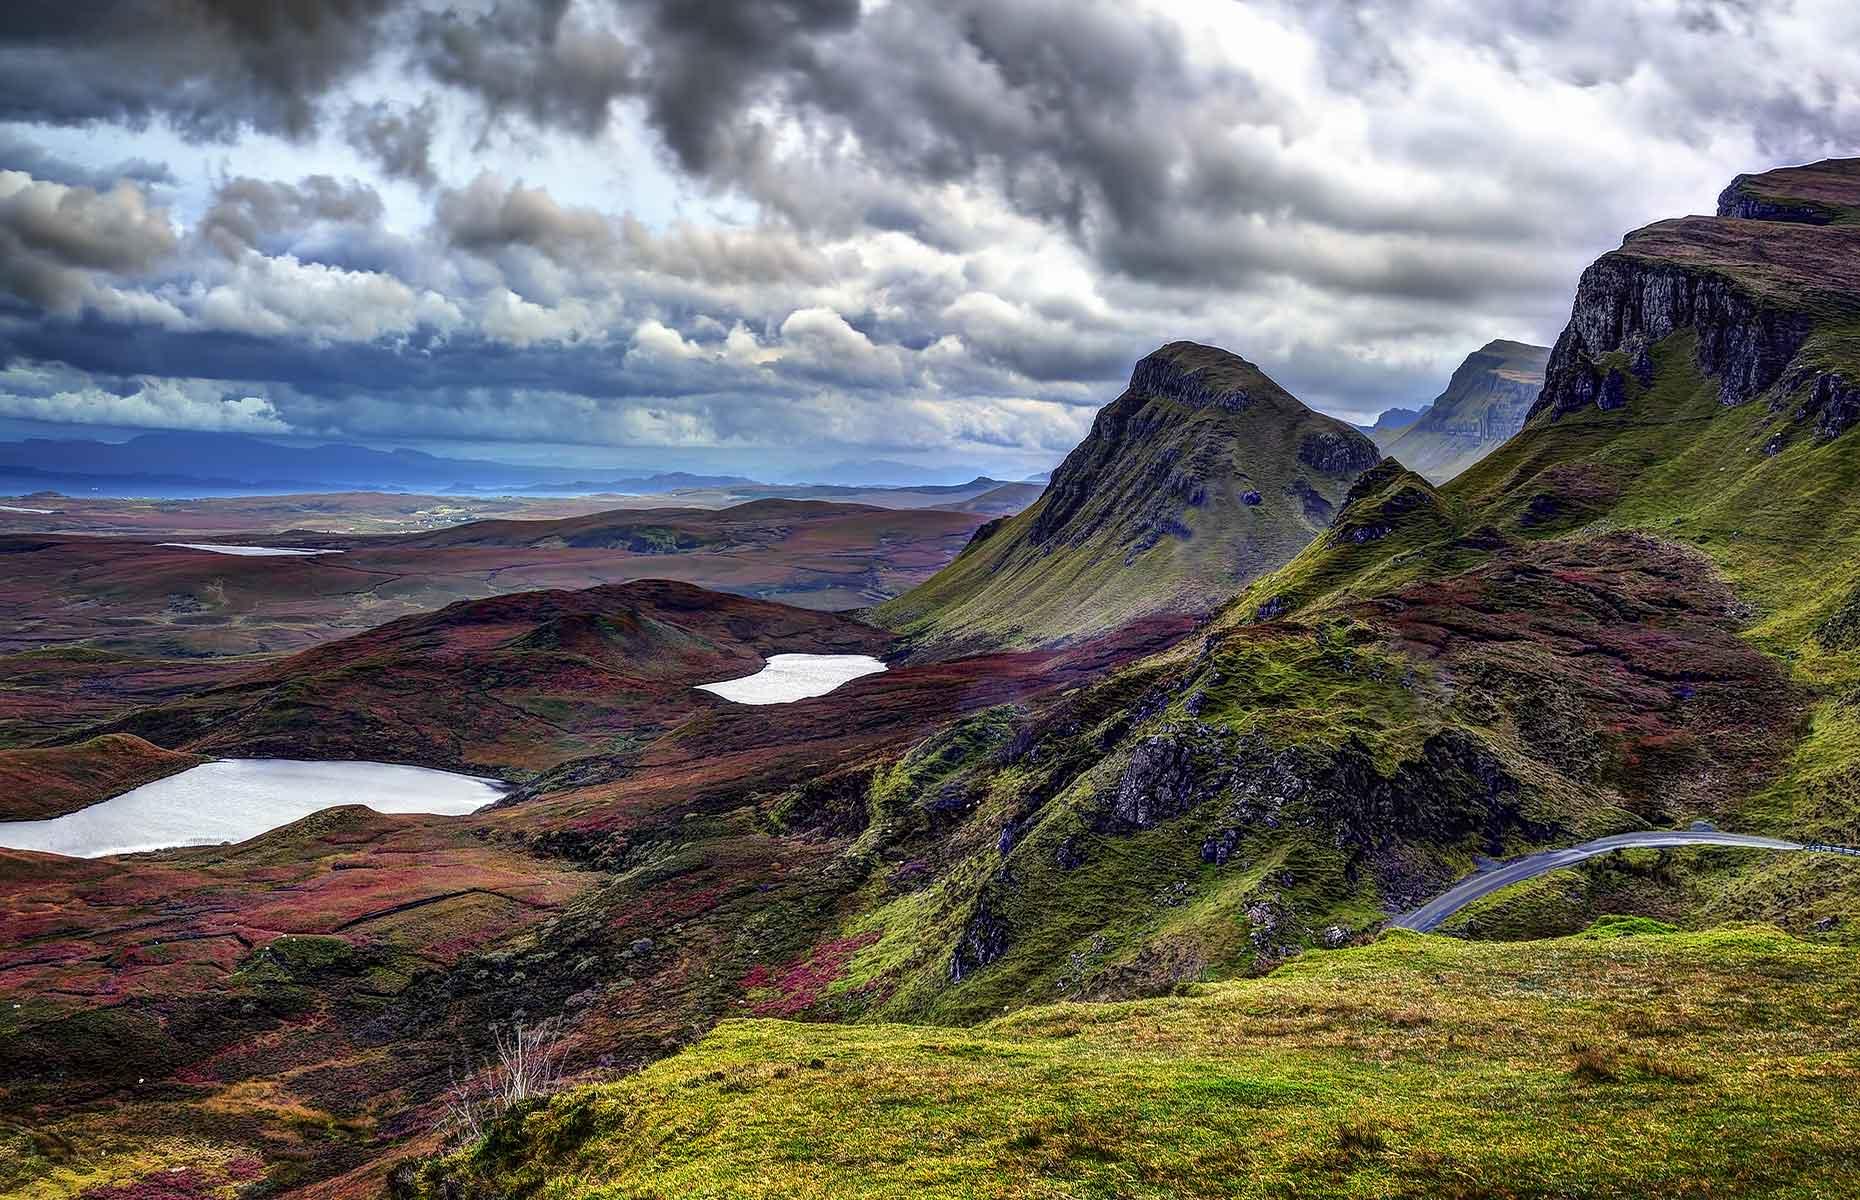 Quiraing, Isle of Skye (Image: Sergejus Lamanosovas/Shutterstock)